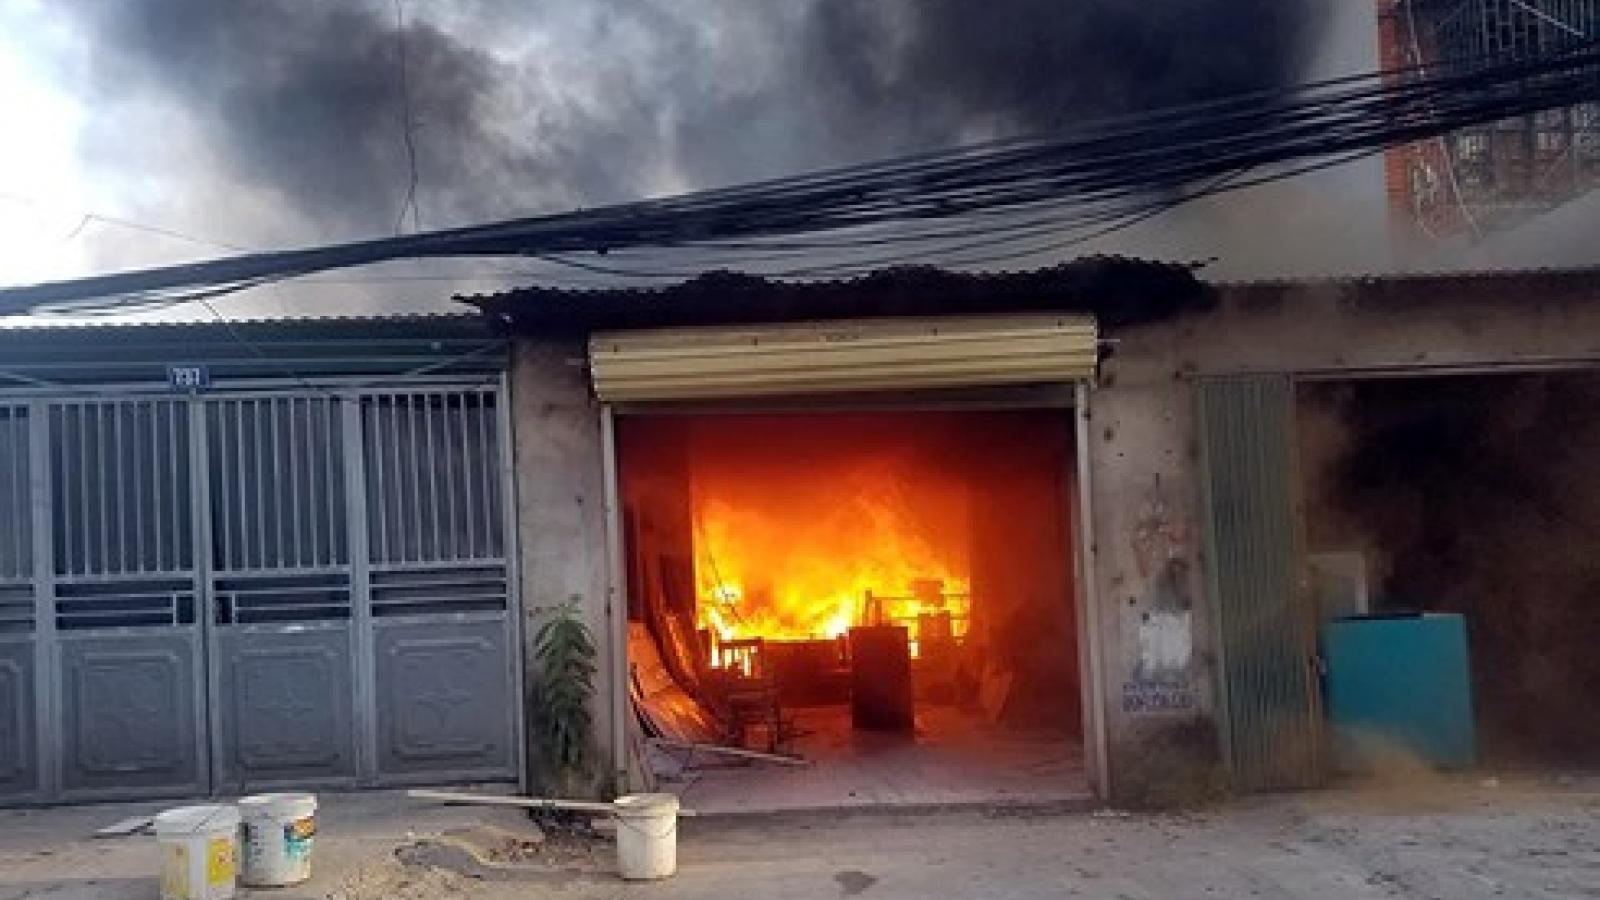 Fire engulfs wooden workshops in Hanoi